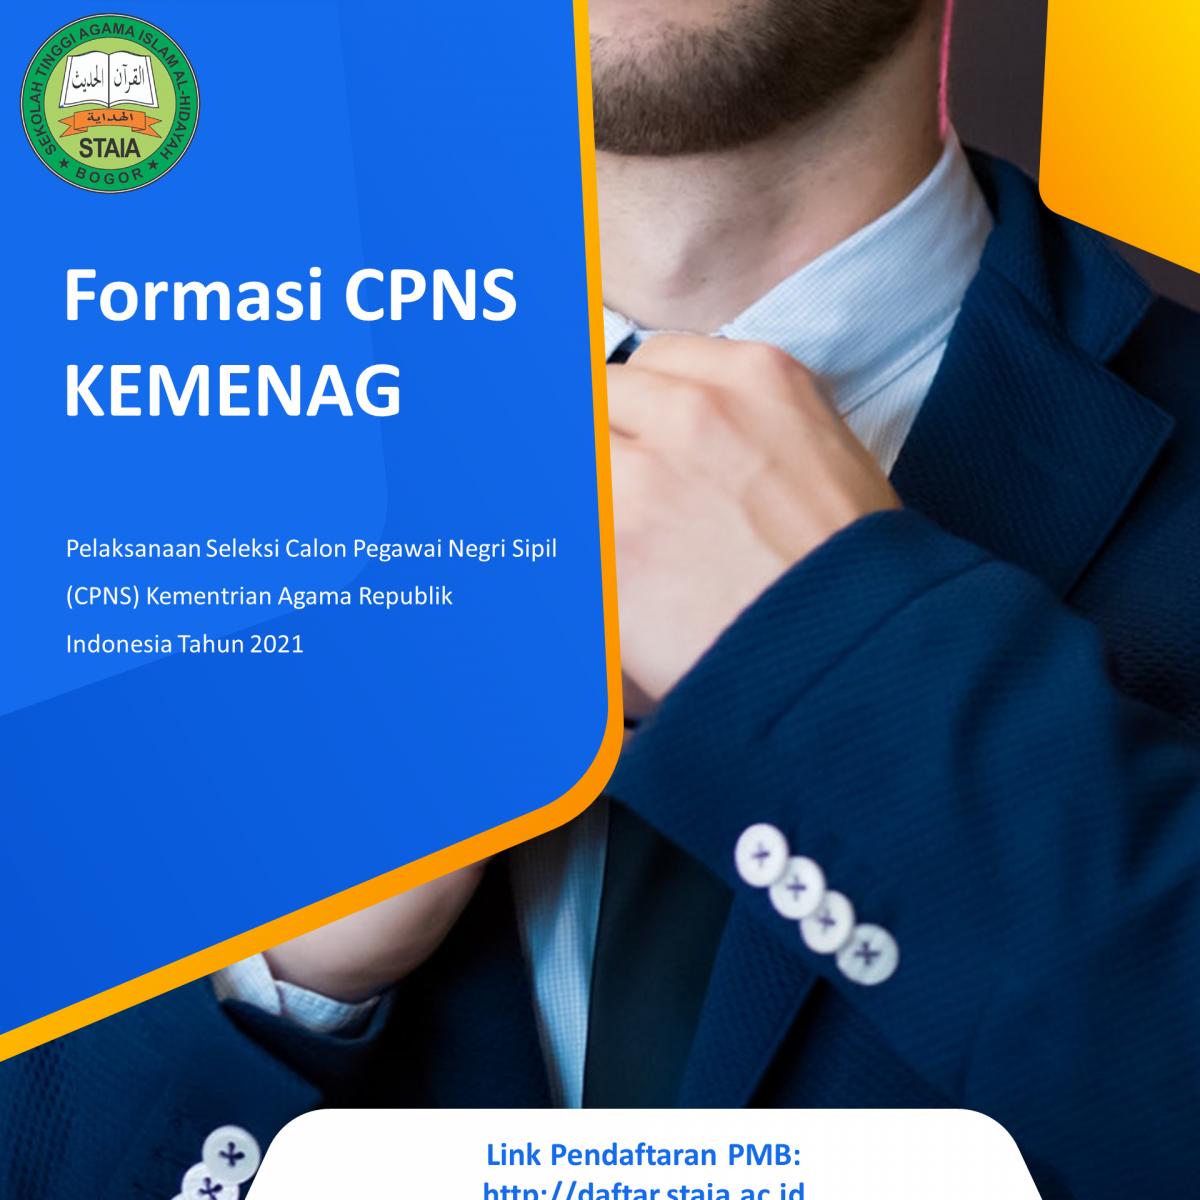 Formasi CPNS KEMENANG Pelaksanaan Seleksi Calon Pegawai Negri Sipil (CPNS) Kementrian Agama Republik Indonesia Tahun 2021